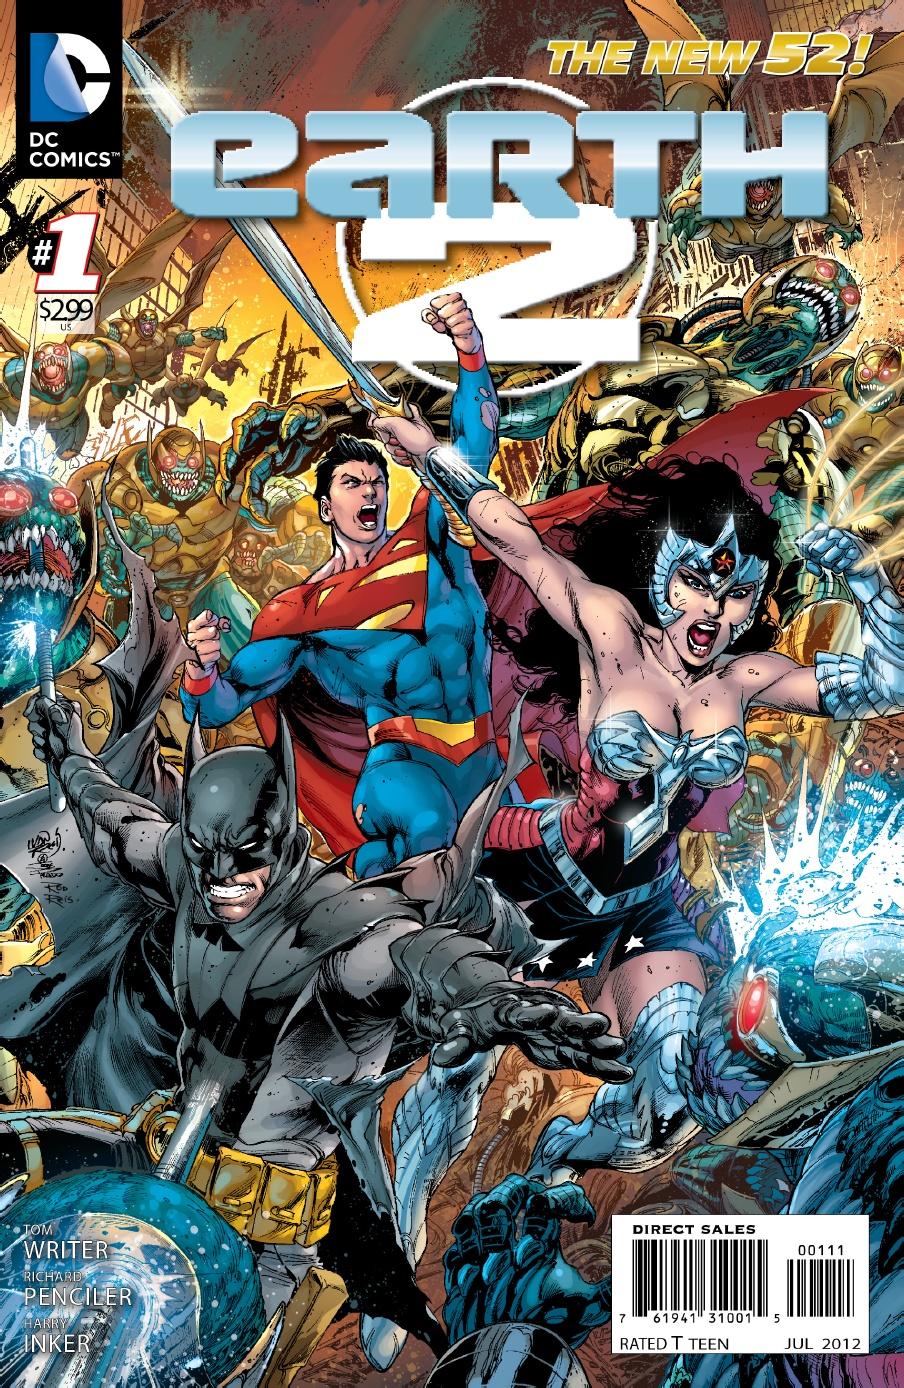 DC NEW 52 COMICS EARTH 2 #24 REGULAR COVER